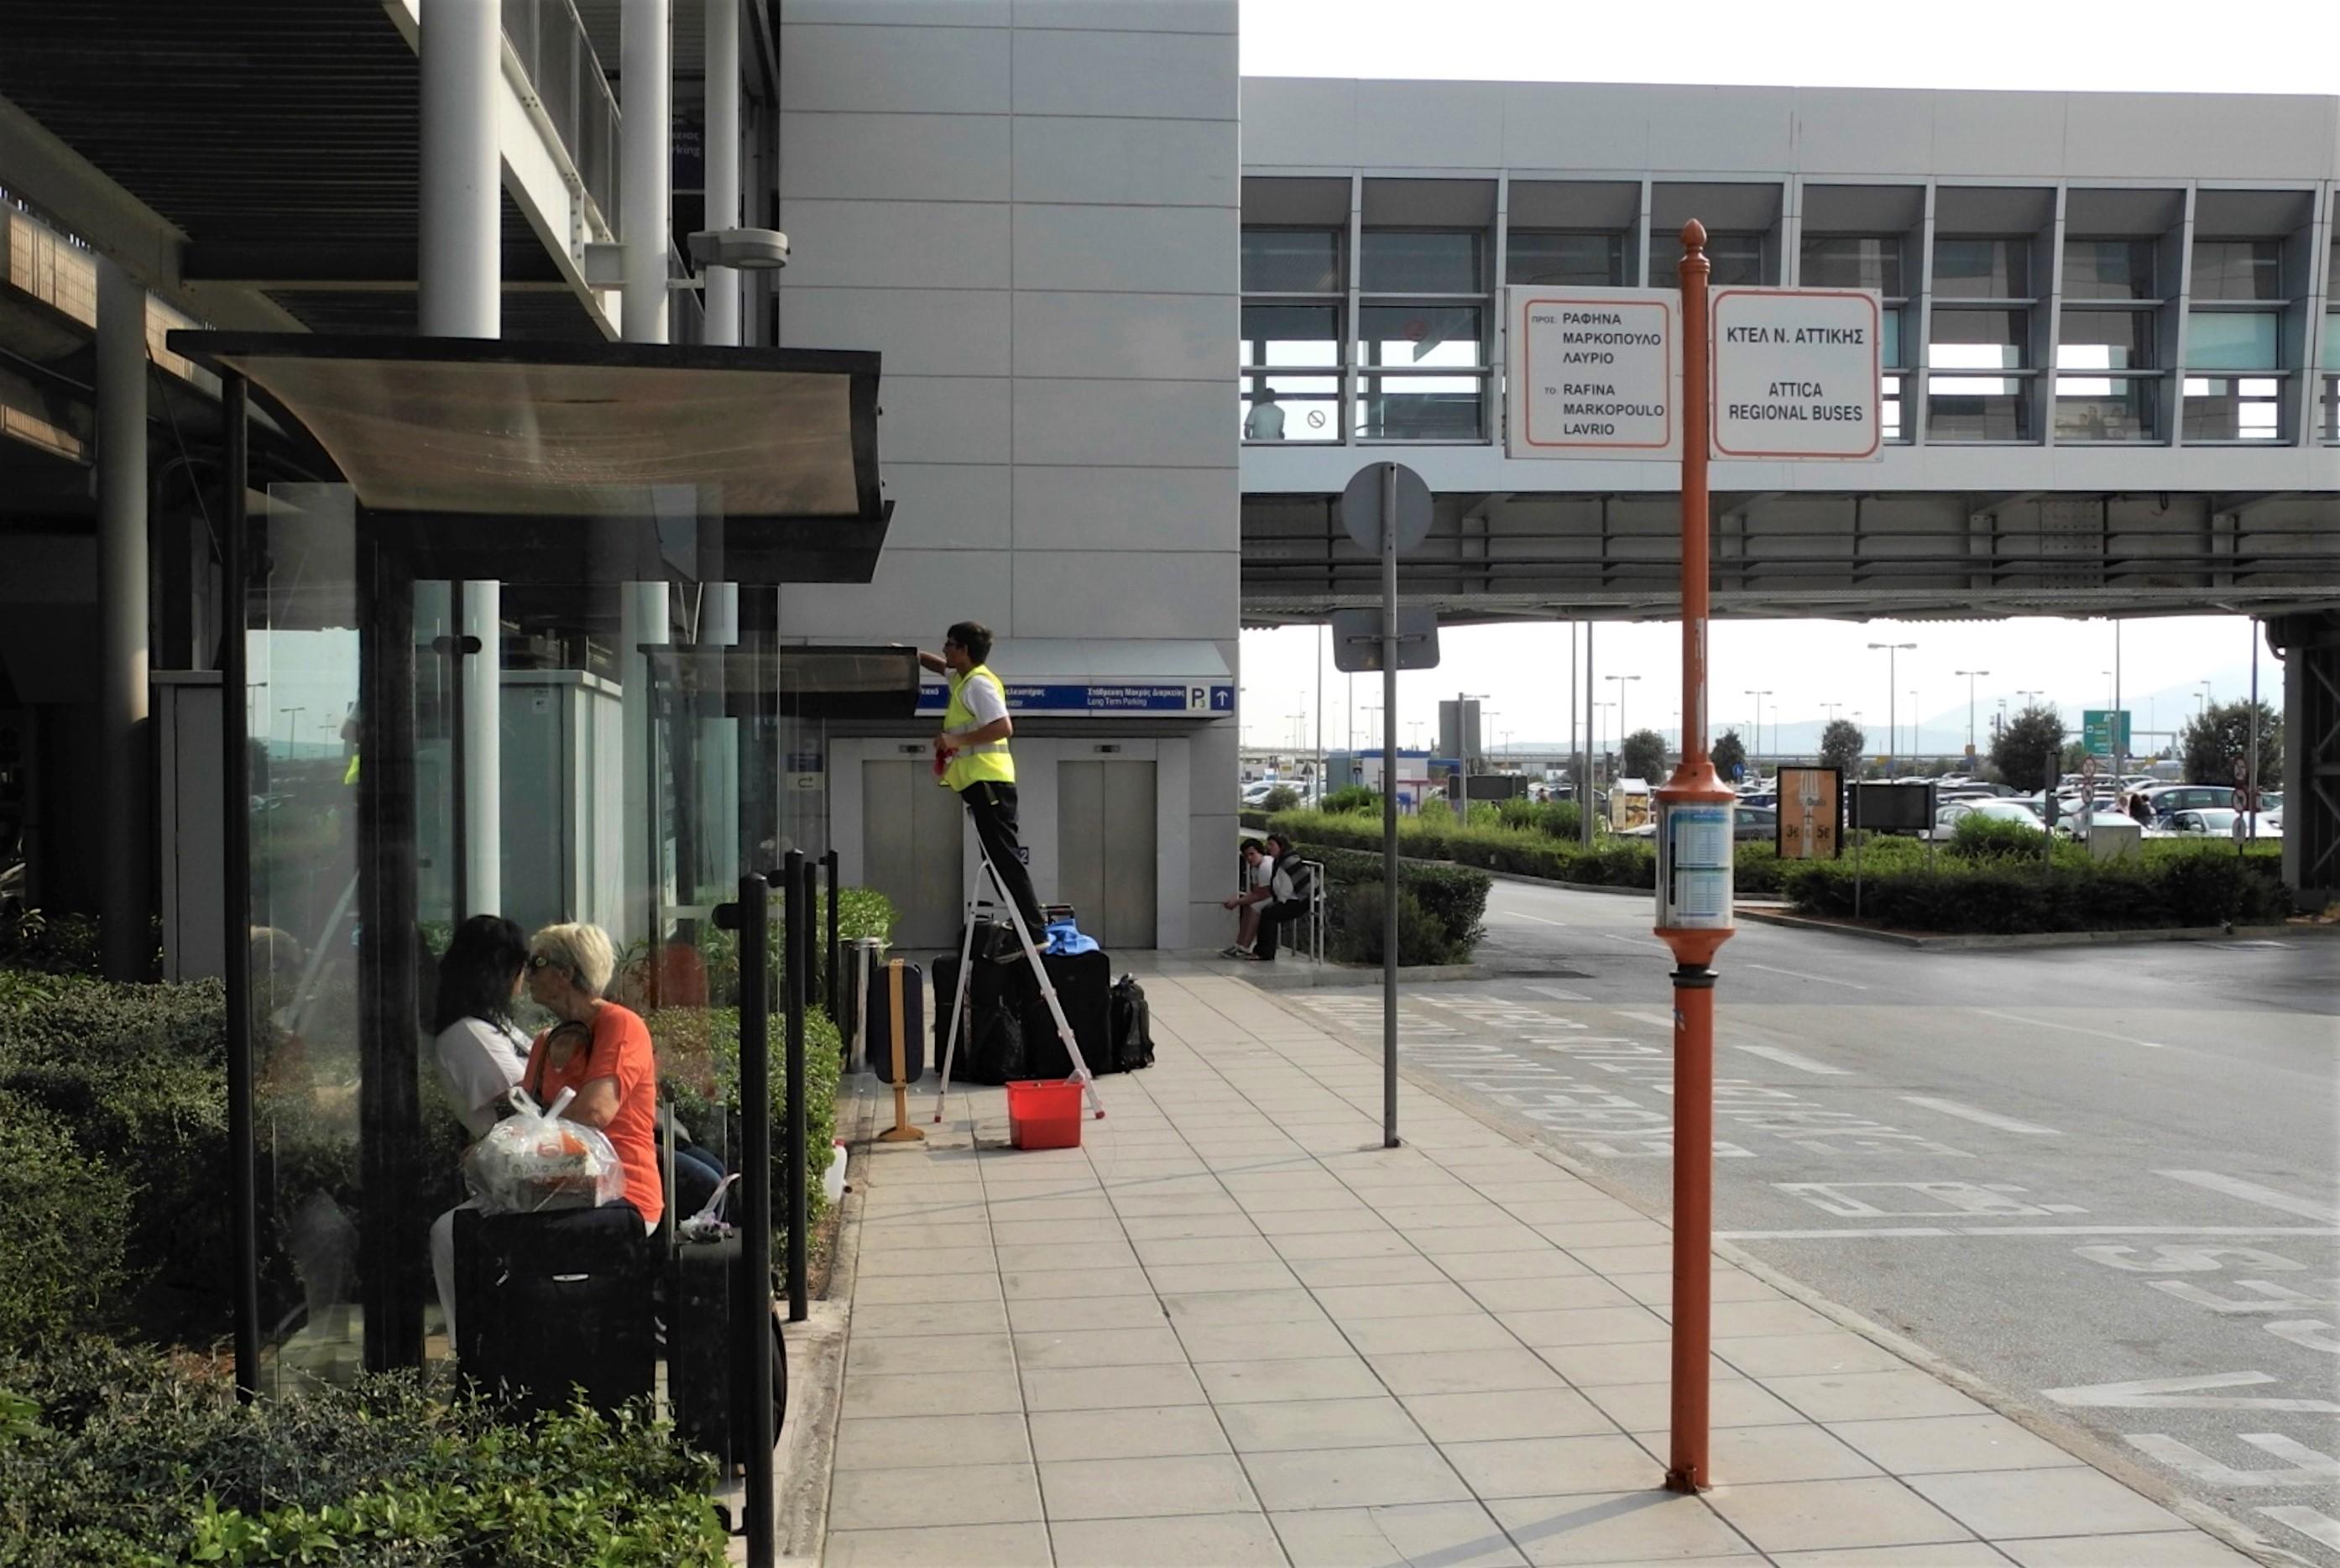 Αποτέλεσμα εικόνας για airport bus to lavrio